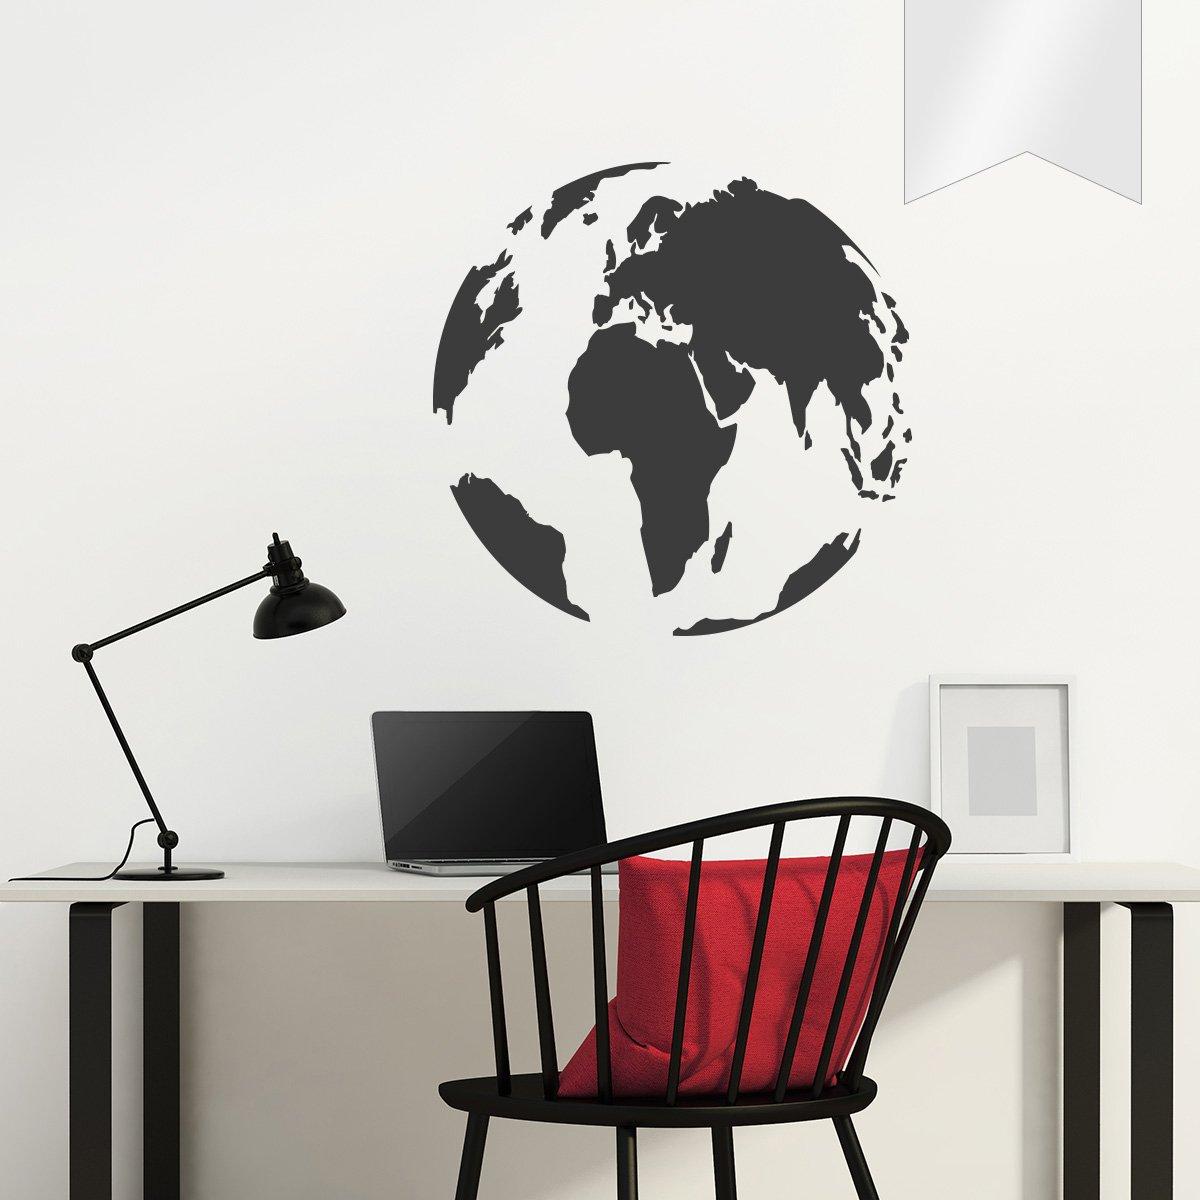 WANDKINGS Wandtattoo - Globus - 90 x 90 cm cm cm - Kupfer - Wähle aus 5 Größen & 35 Farben B078YD6Z7Q Wandtattoos & Wandbilder 6e2568